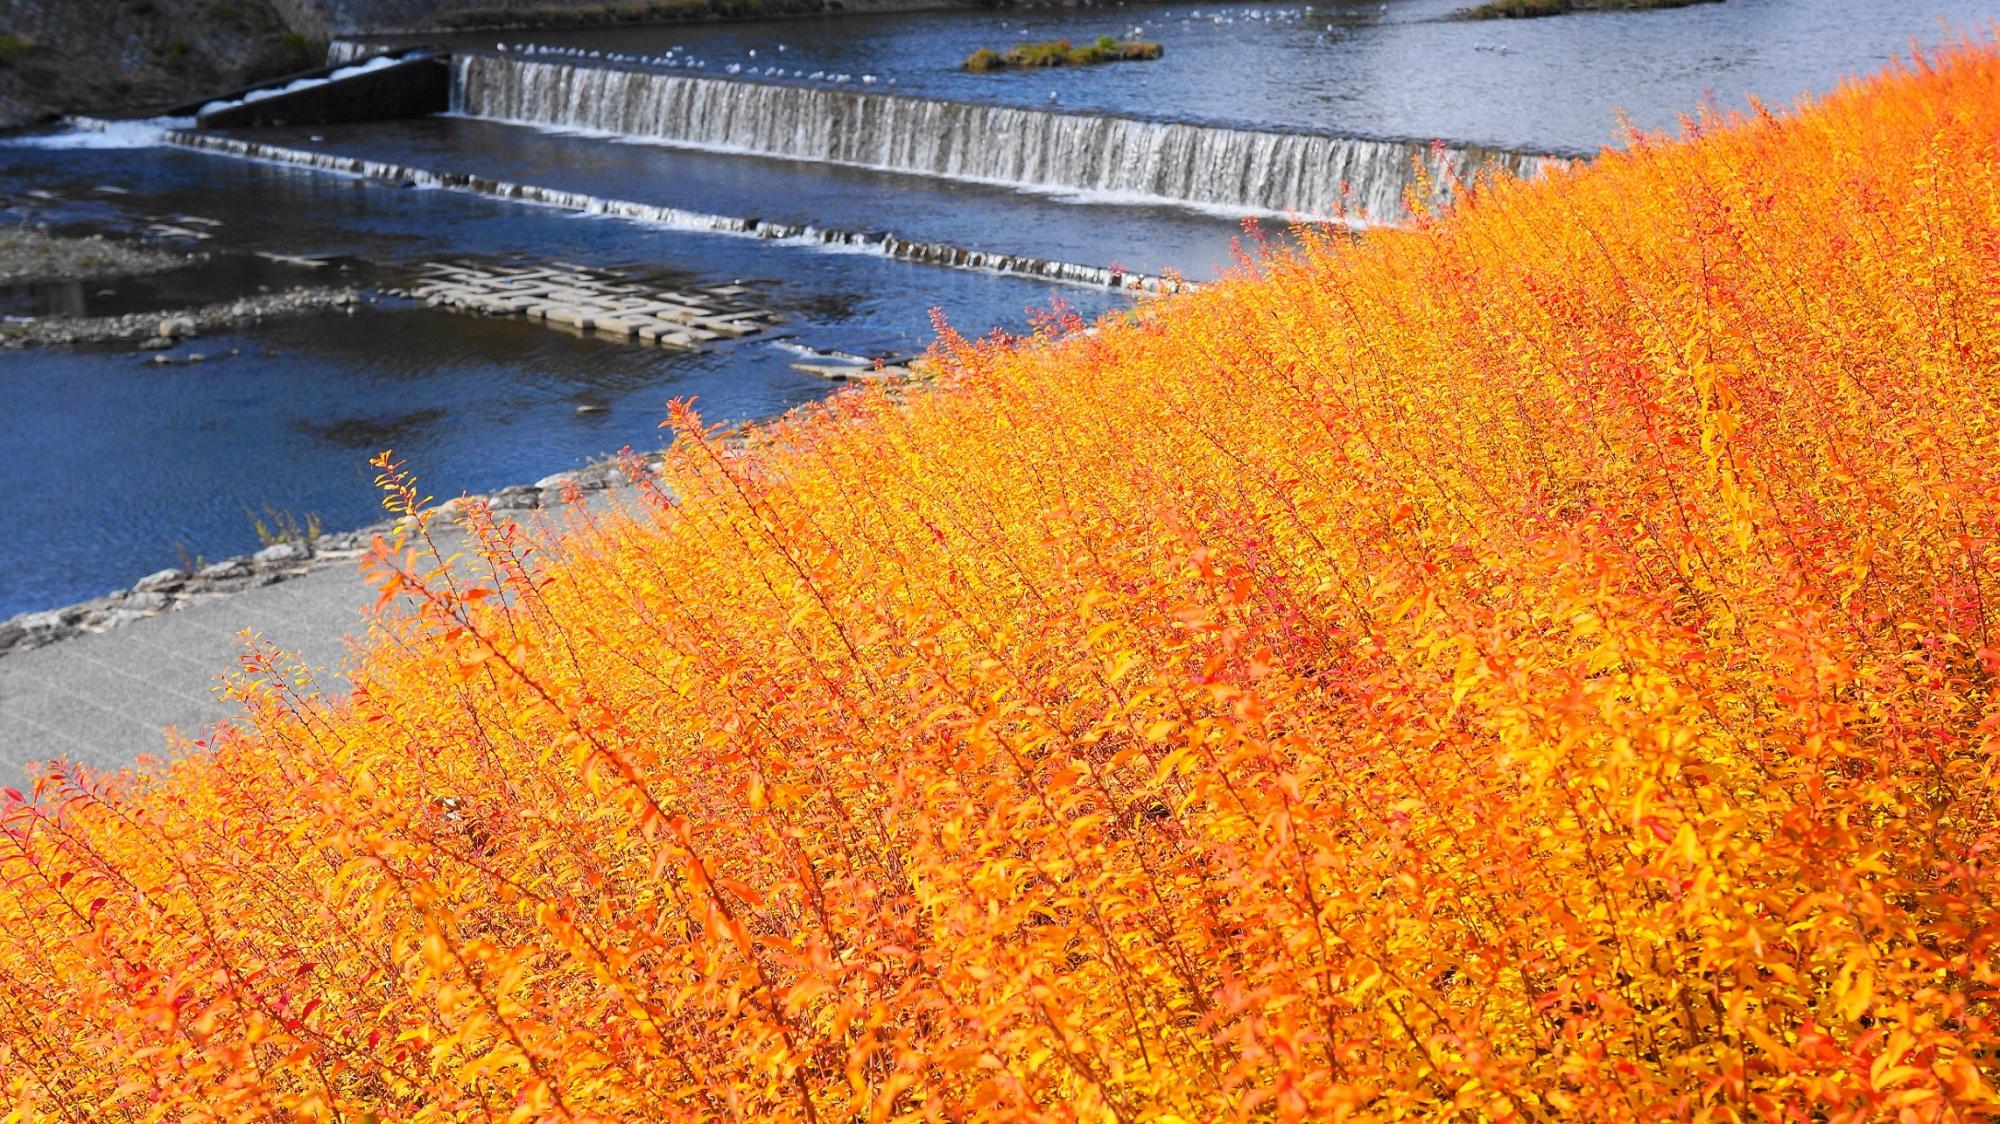 鴨川の冬の雪柳の見事な紅葉